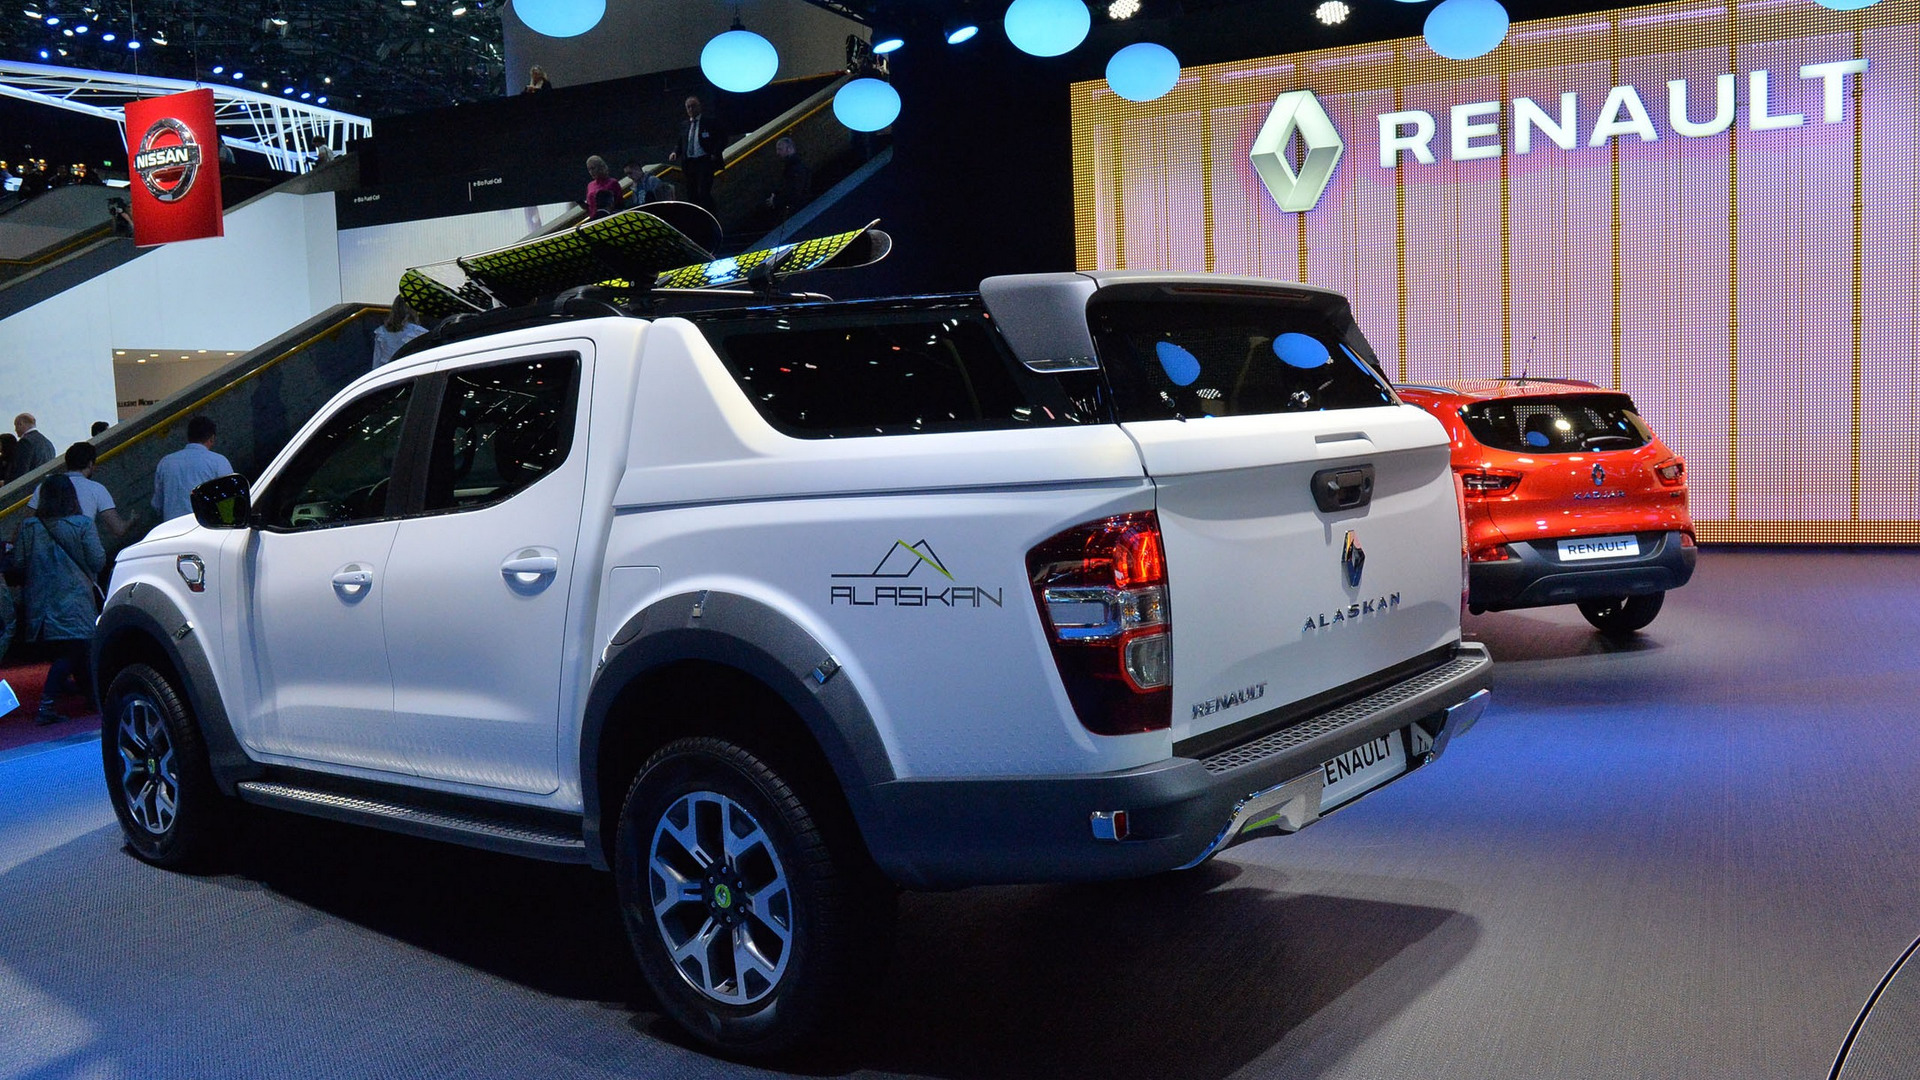 Renault Alaskan 2018 >> Renault Alaskan Pickup Goes On Sale In Europe This September